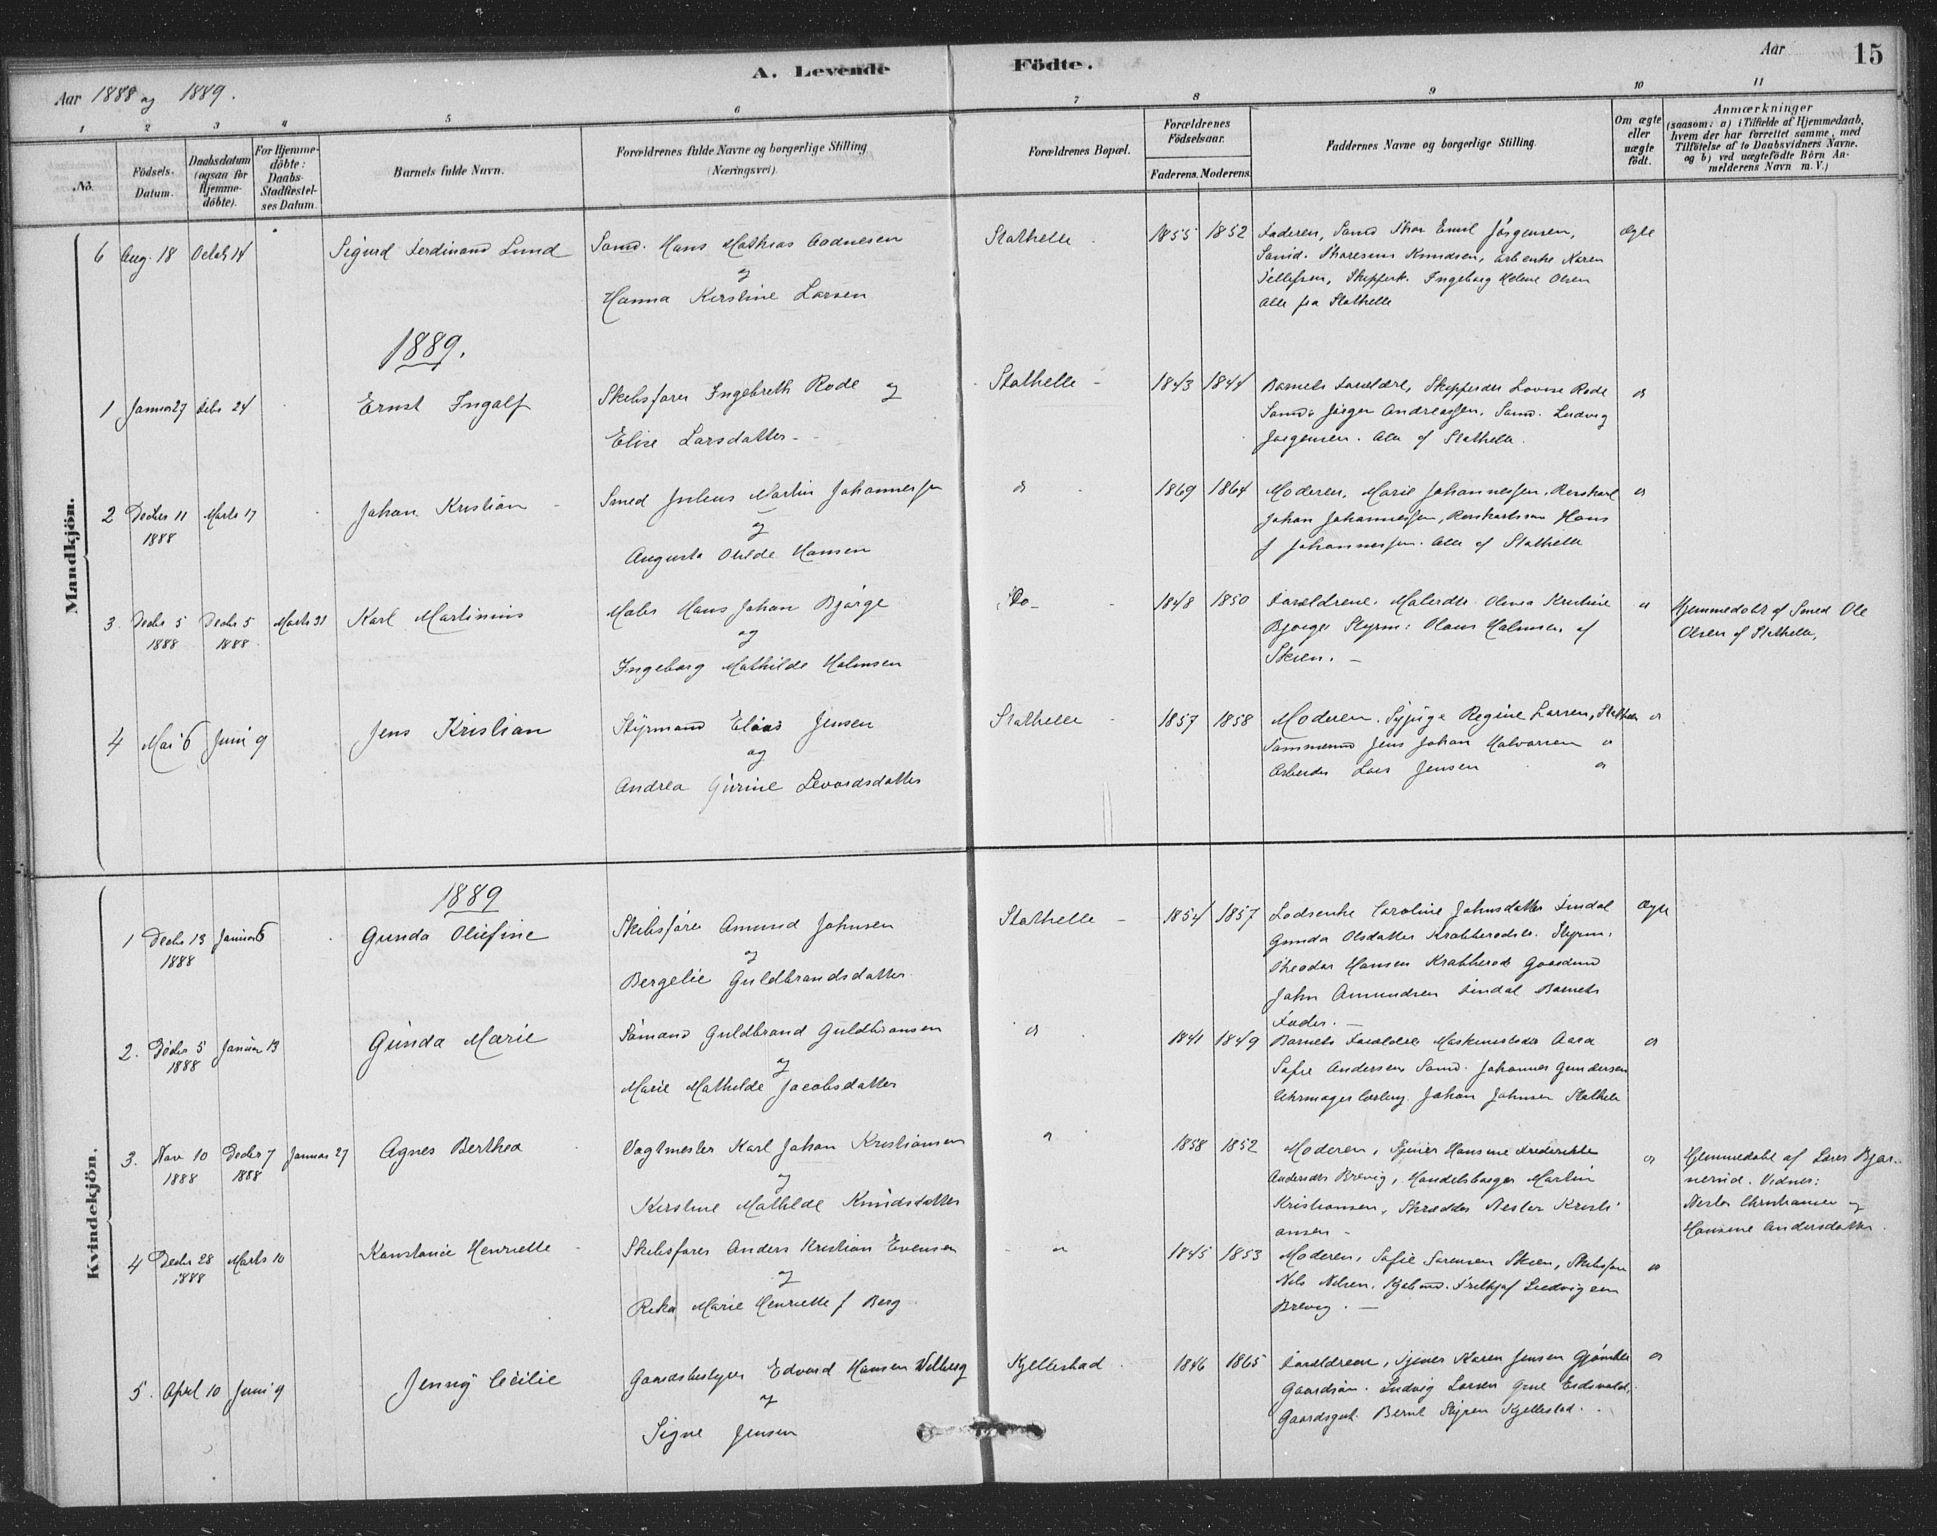 SAKO, Bamble kirkebøker, F/Fb/L0001: Ministerialbok nr. II 1, 1878-1899, s. 15